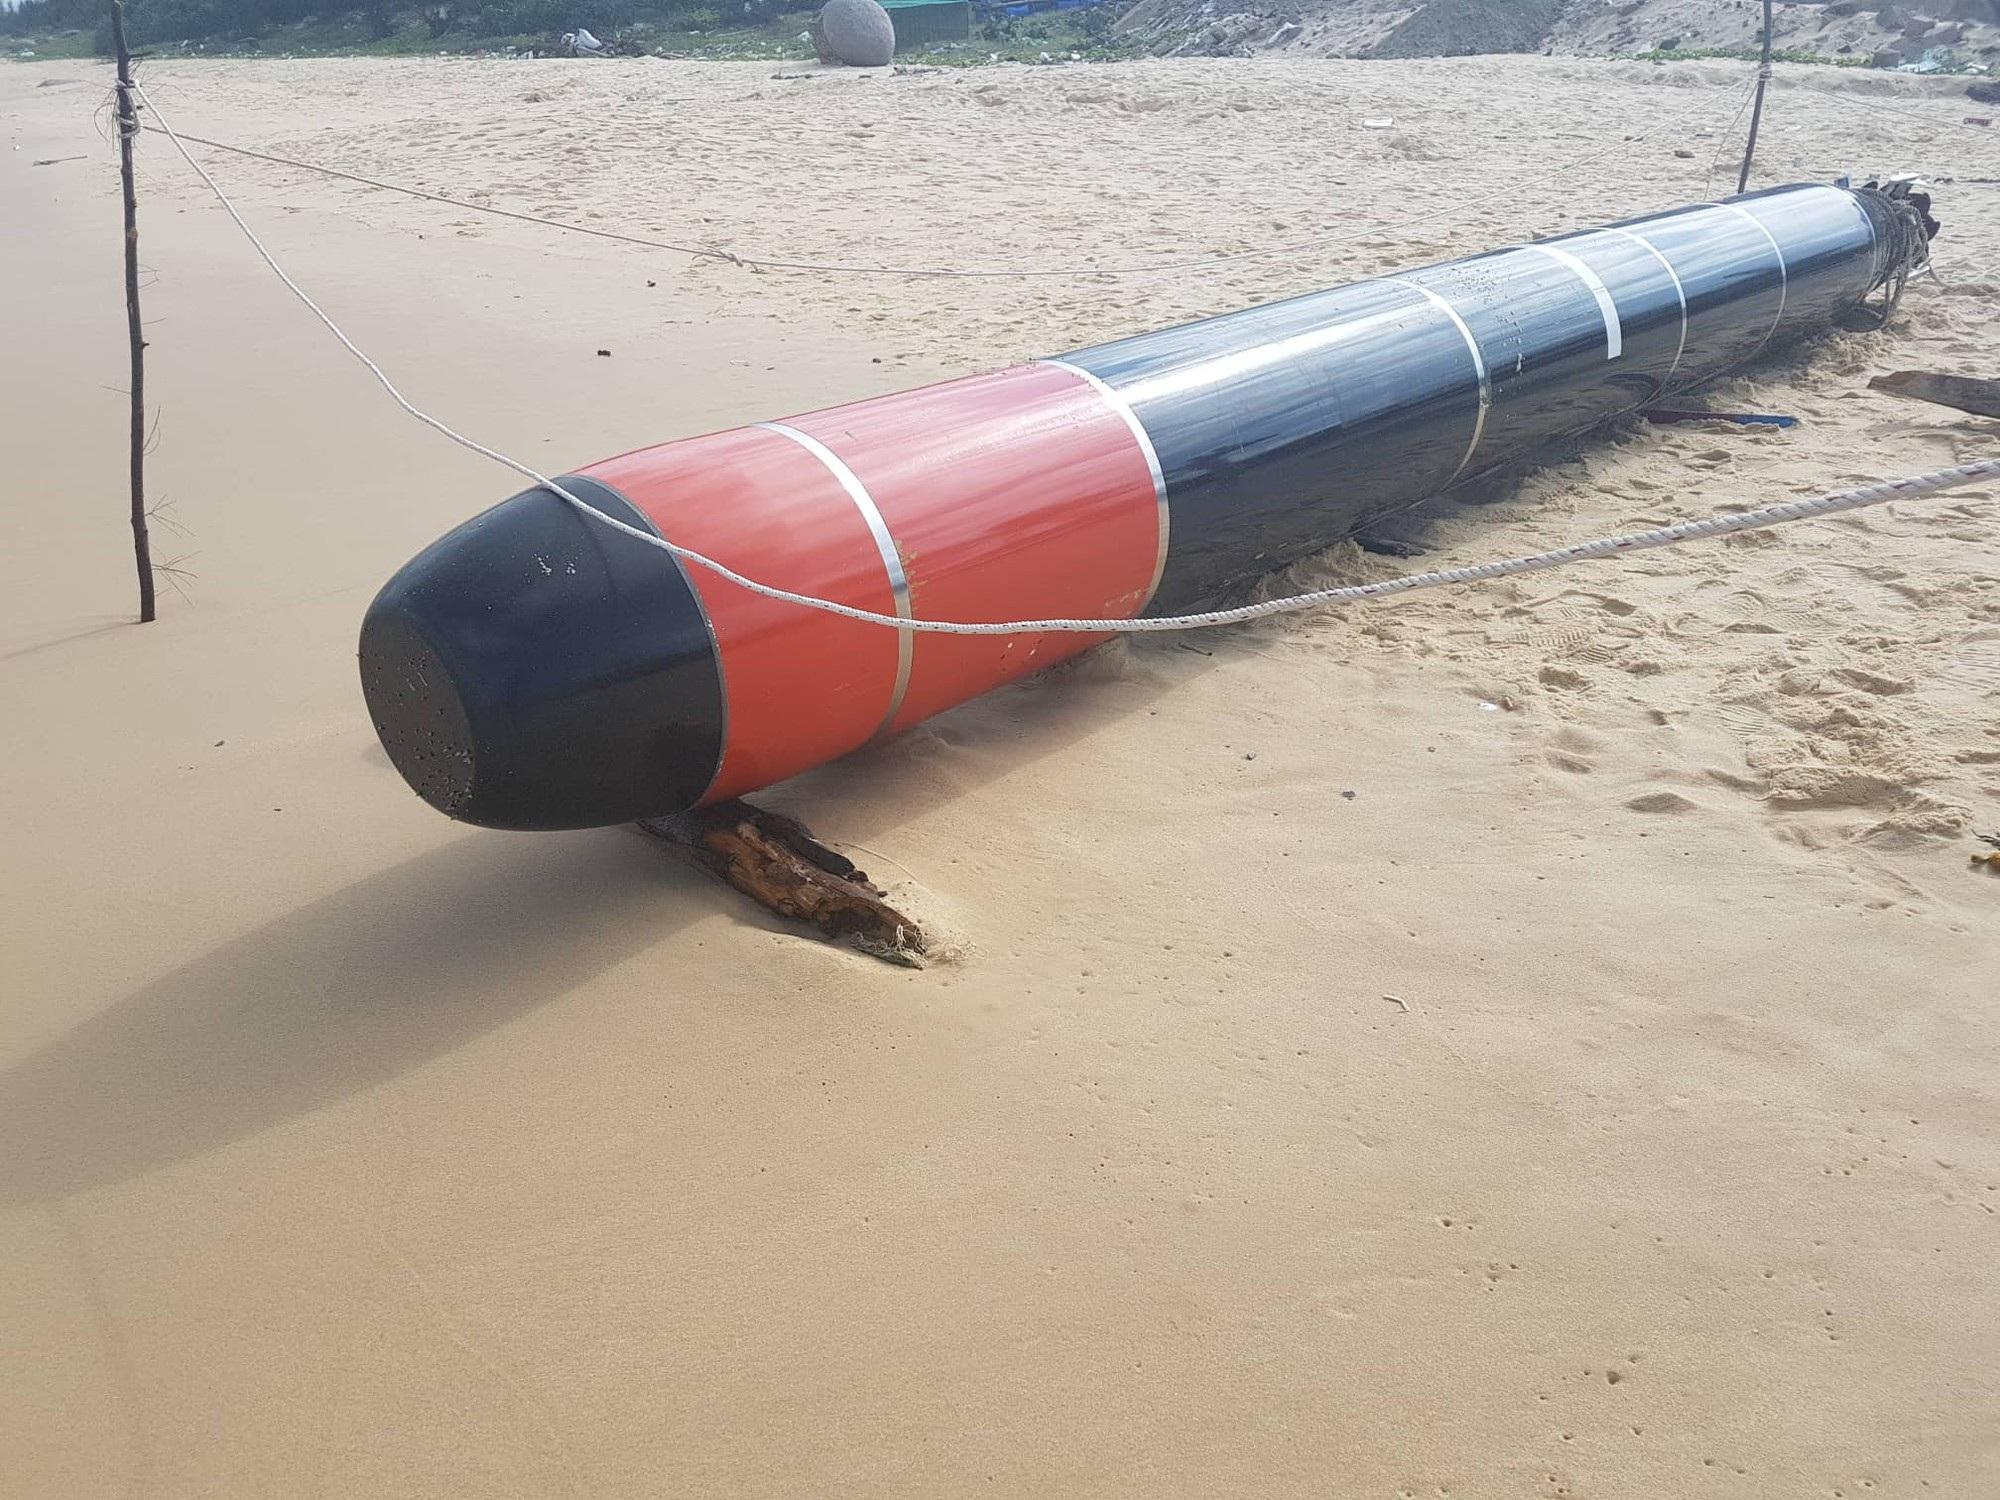 Vật thể nghi là ngư lôi có chữ Trung Quốc trôi trên biển Phú Yên - Ảnh 2.